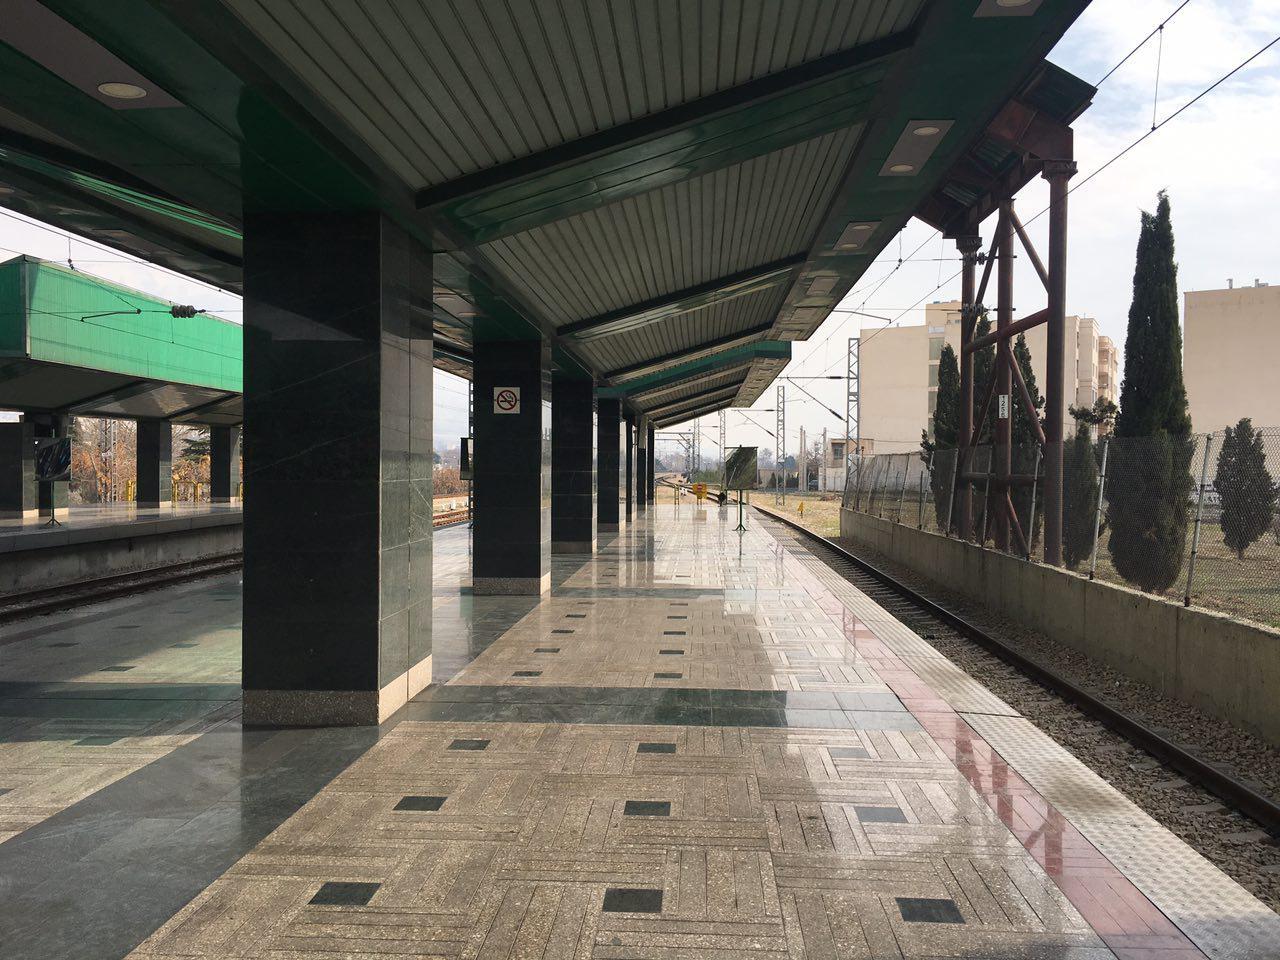 اعزام قطار به مقصد صادقیه عادی بوده و در تمامی ایستگاههای خط ۵ توقف خواهد داشت.